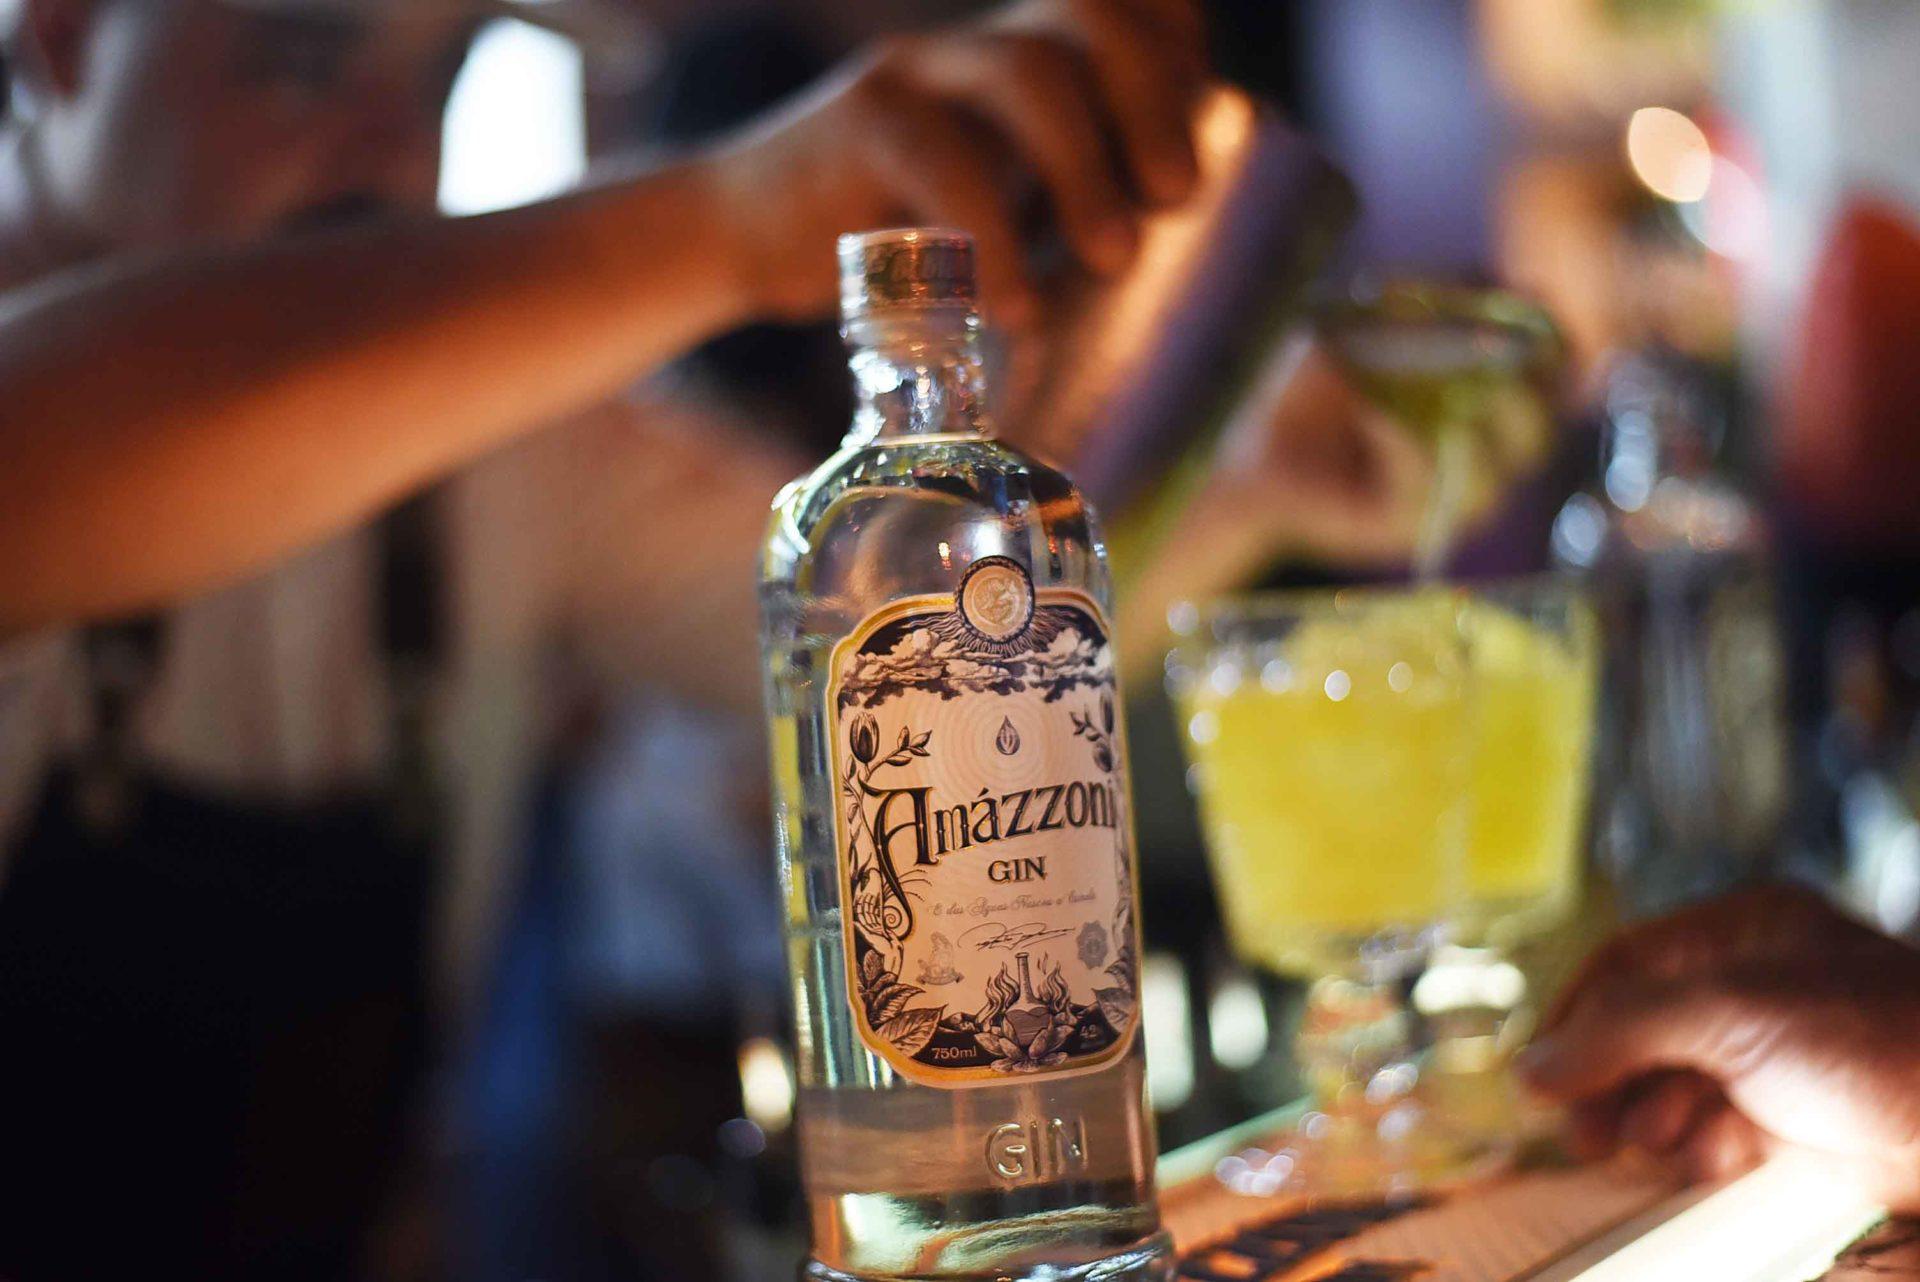 Drink Strategi Gin Amazzoni Spirit Beauties